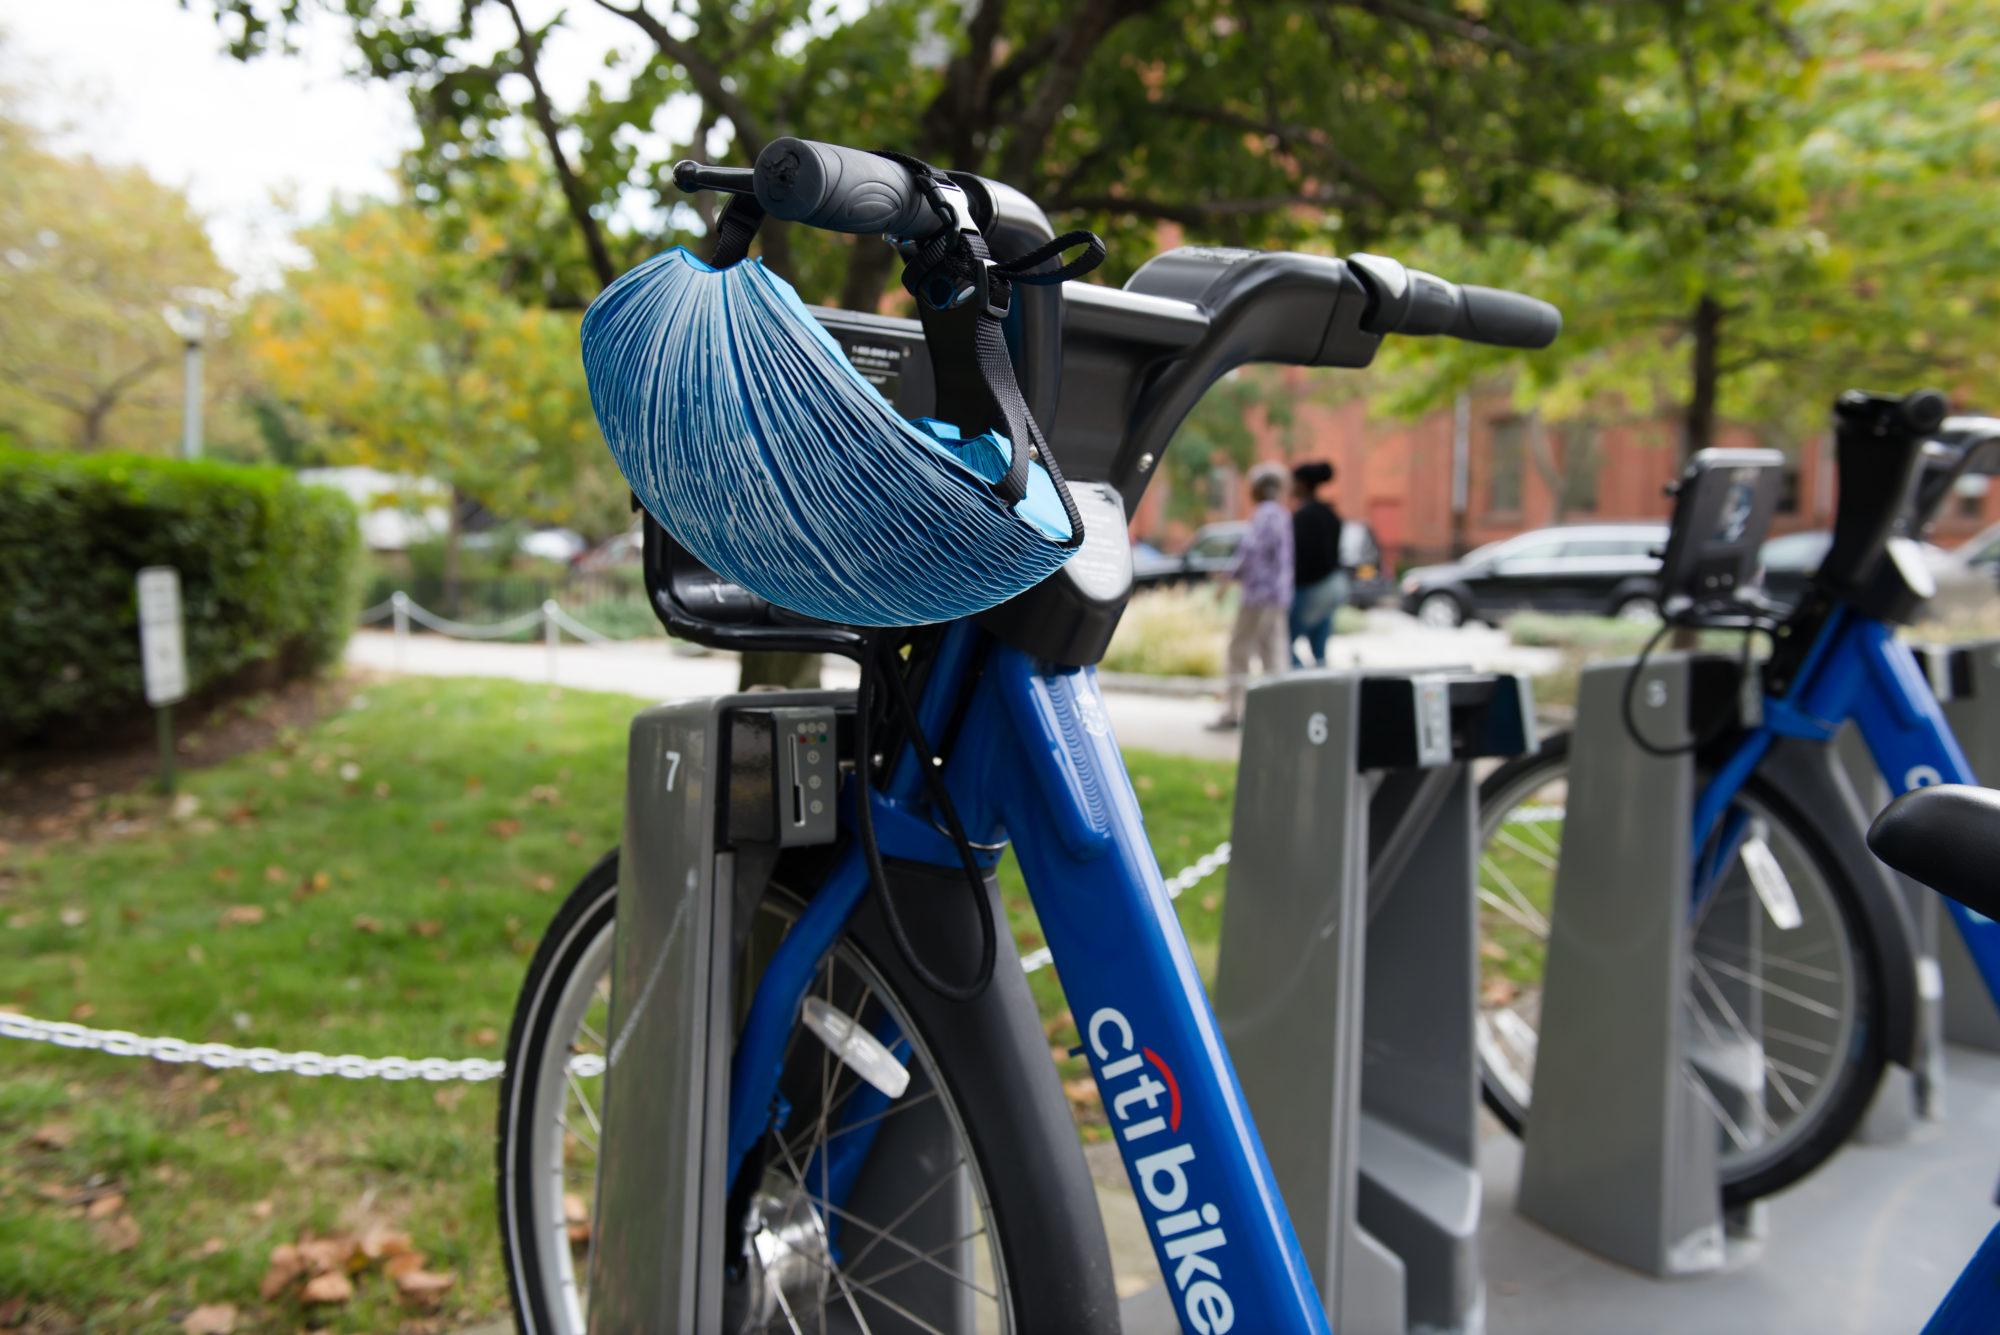 Un casque pliable et recyclable pour les vélos en libre service